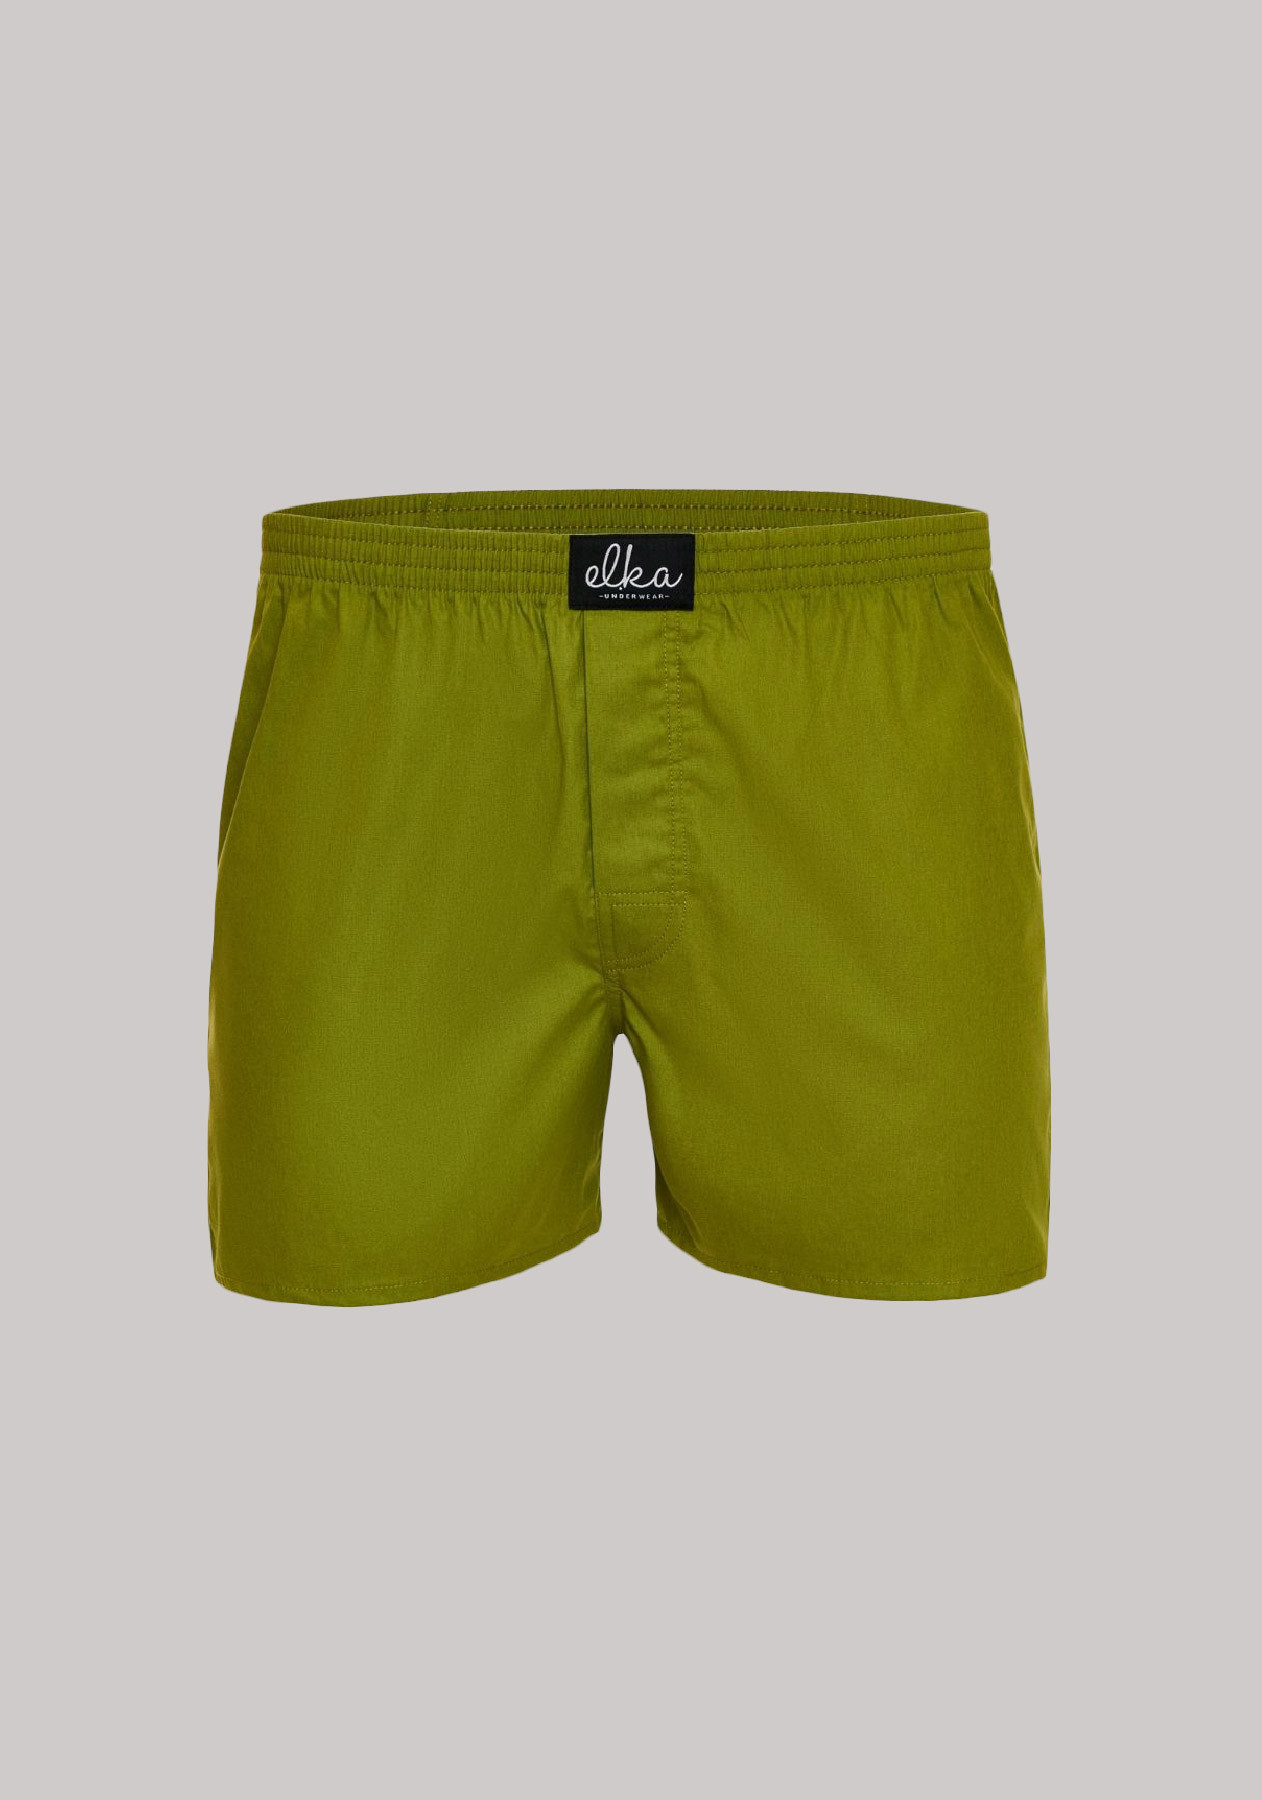 Men-boxershorts-ELKA-Lounge-P1120